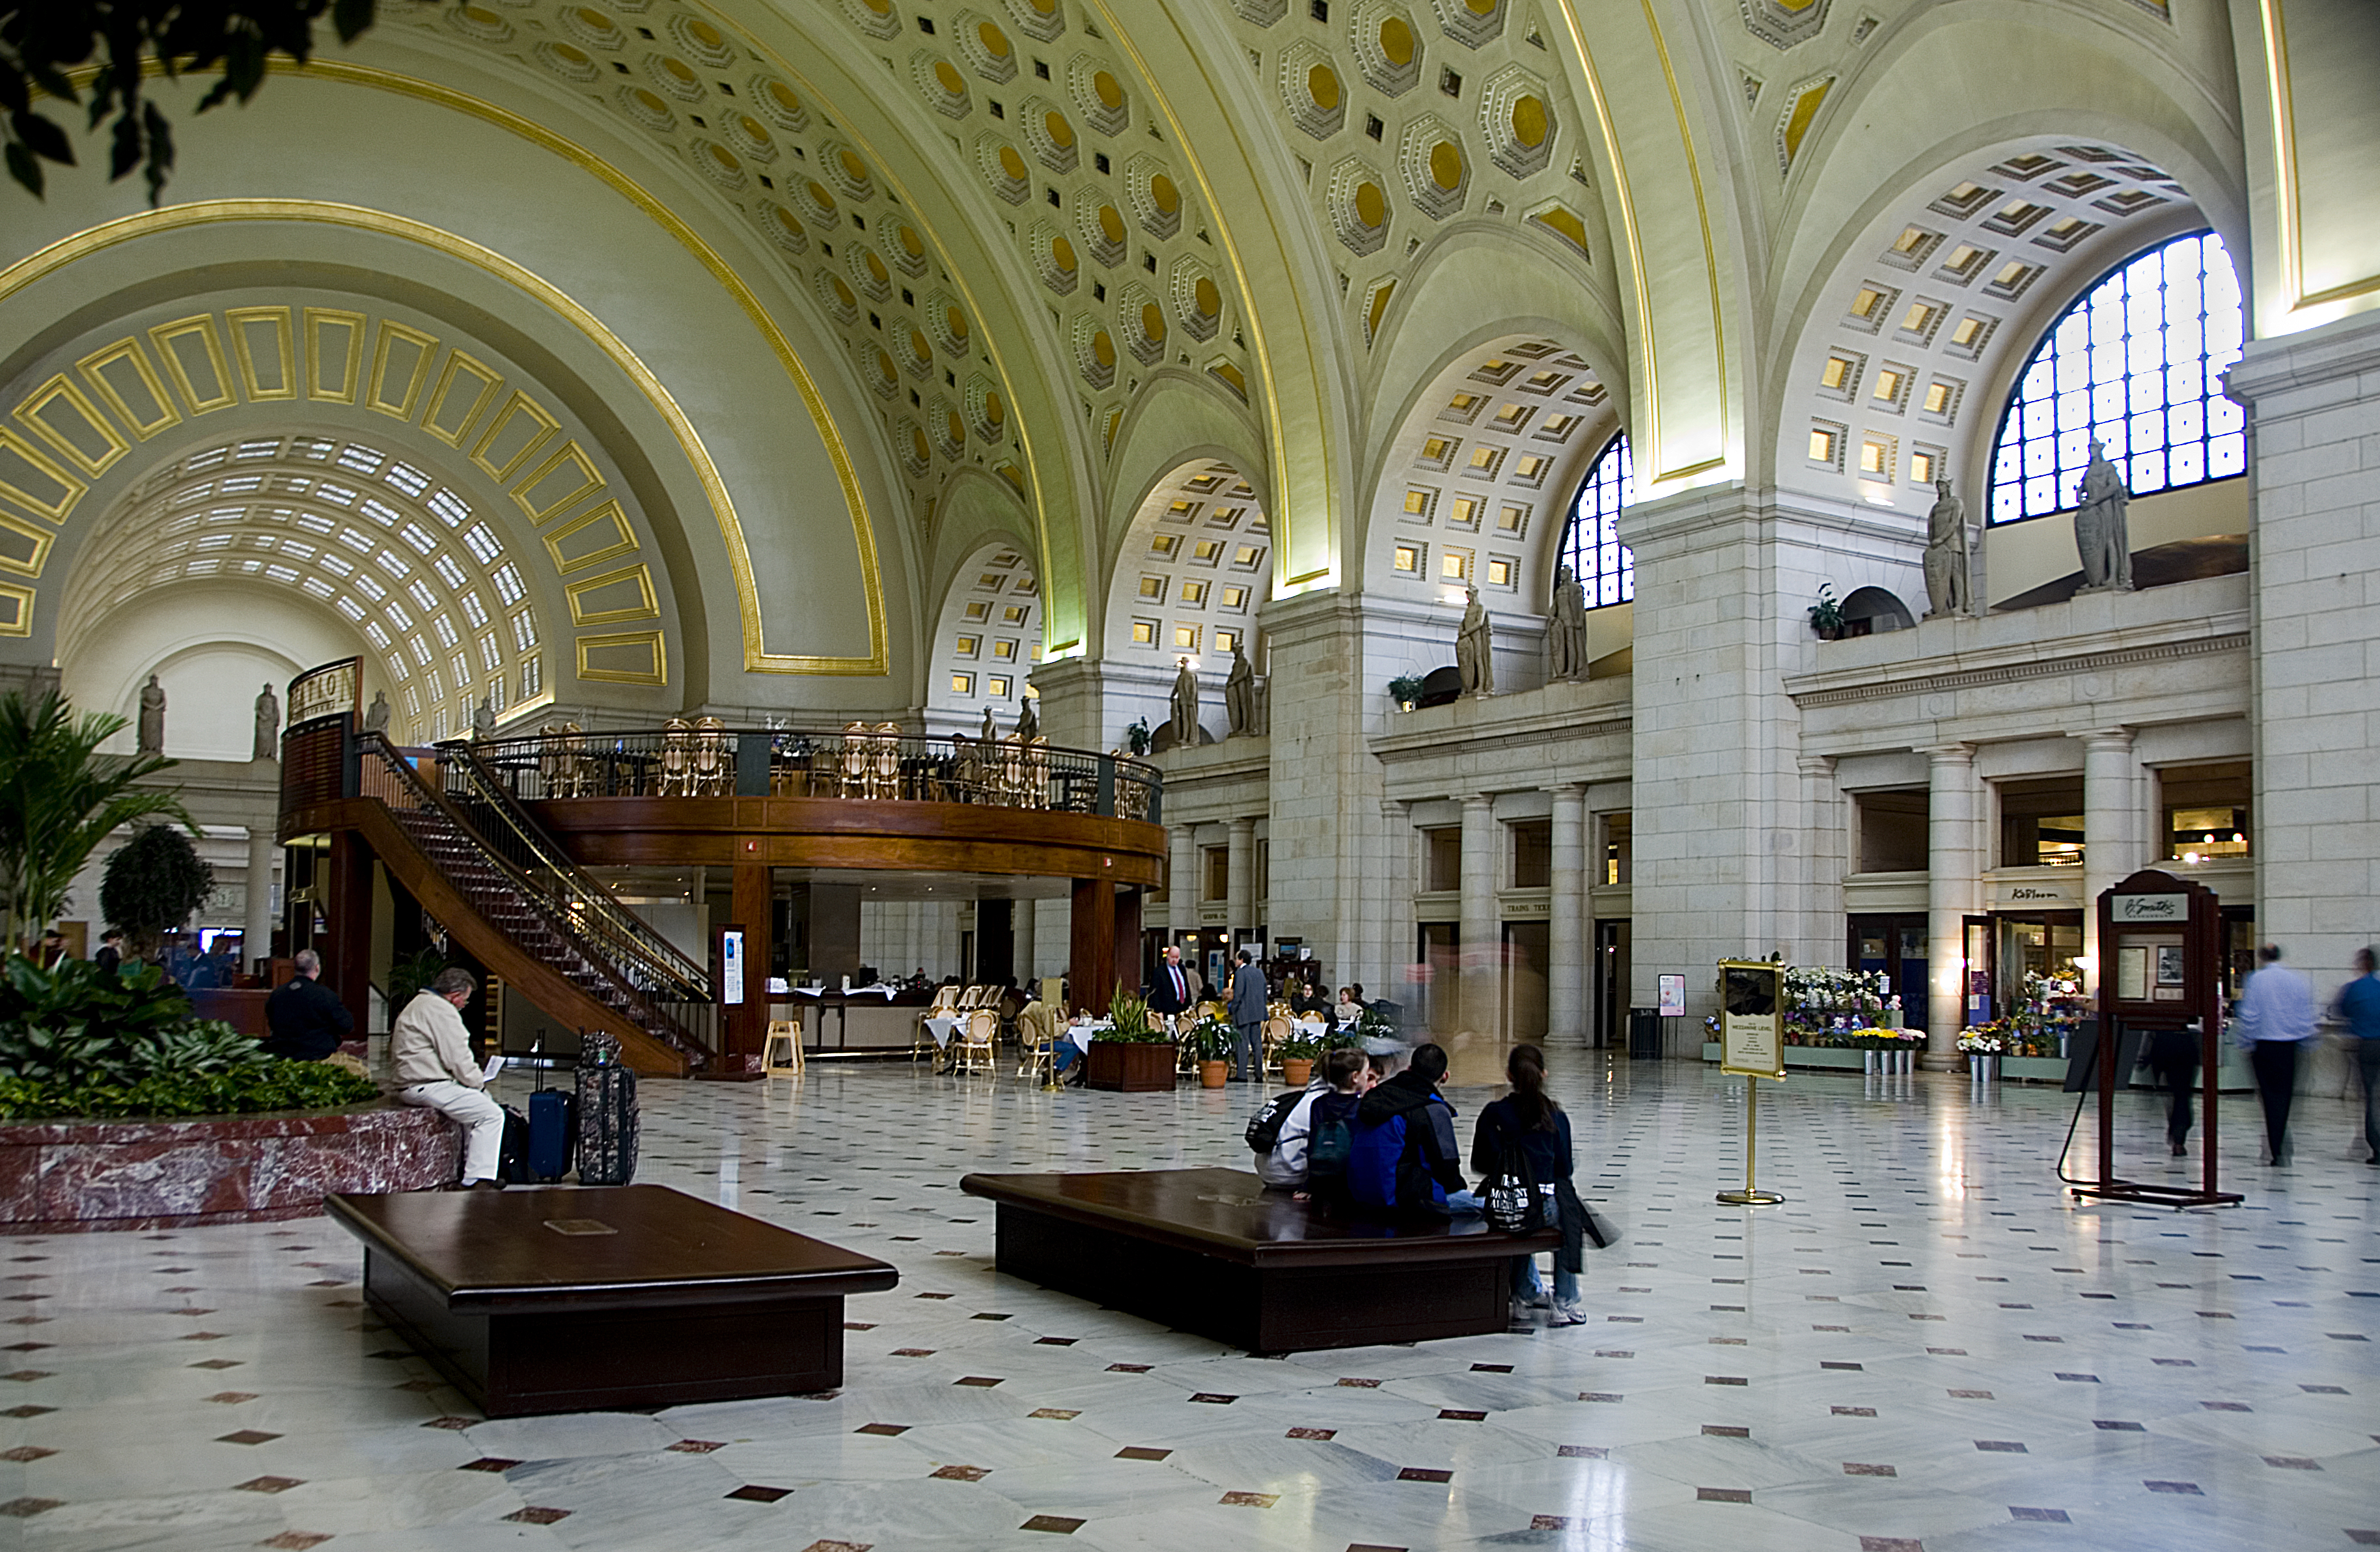 Washington DC - Union Station